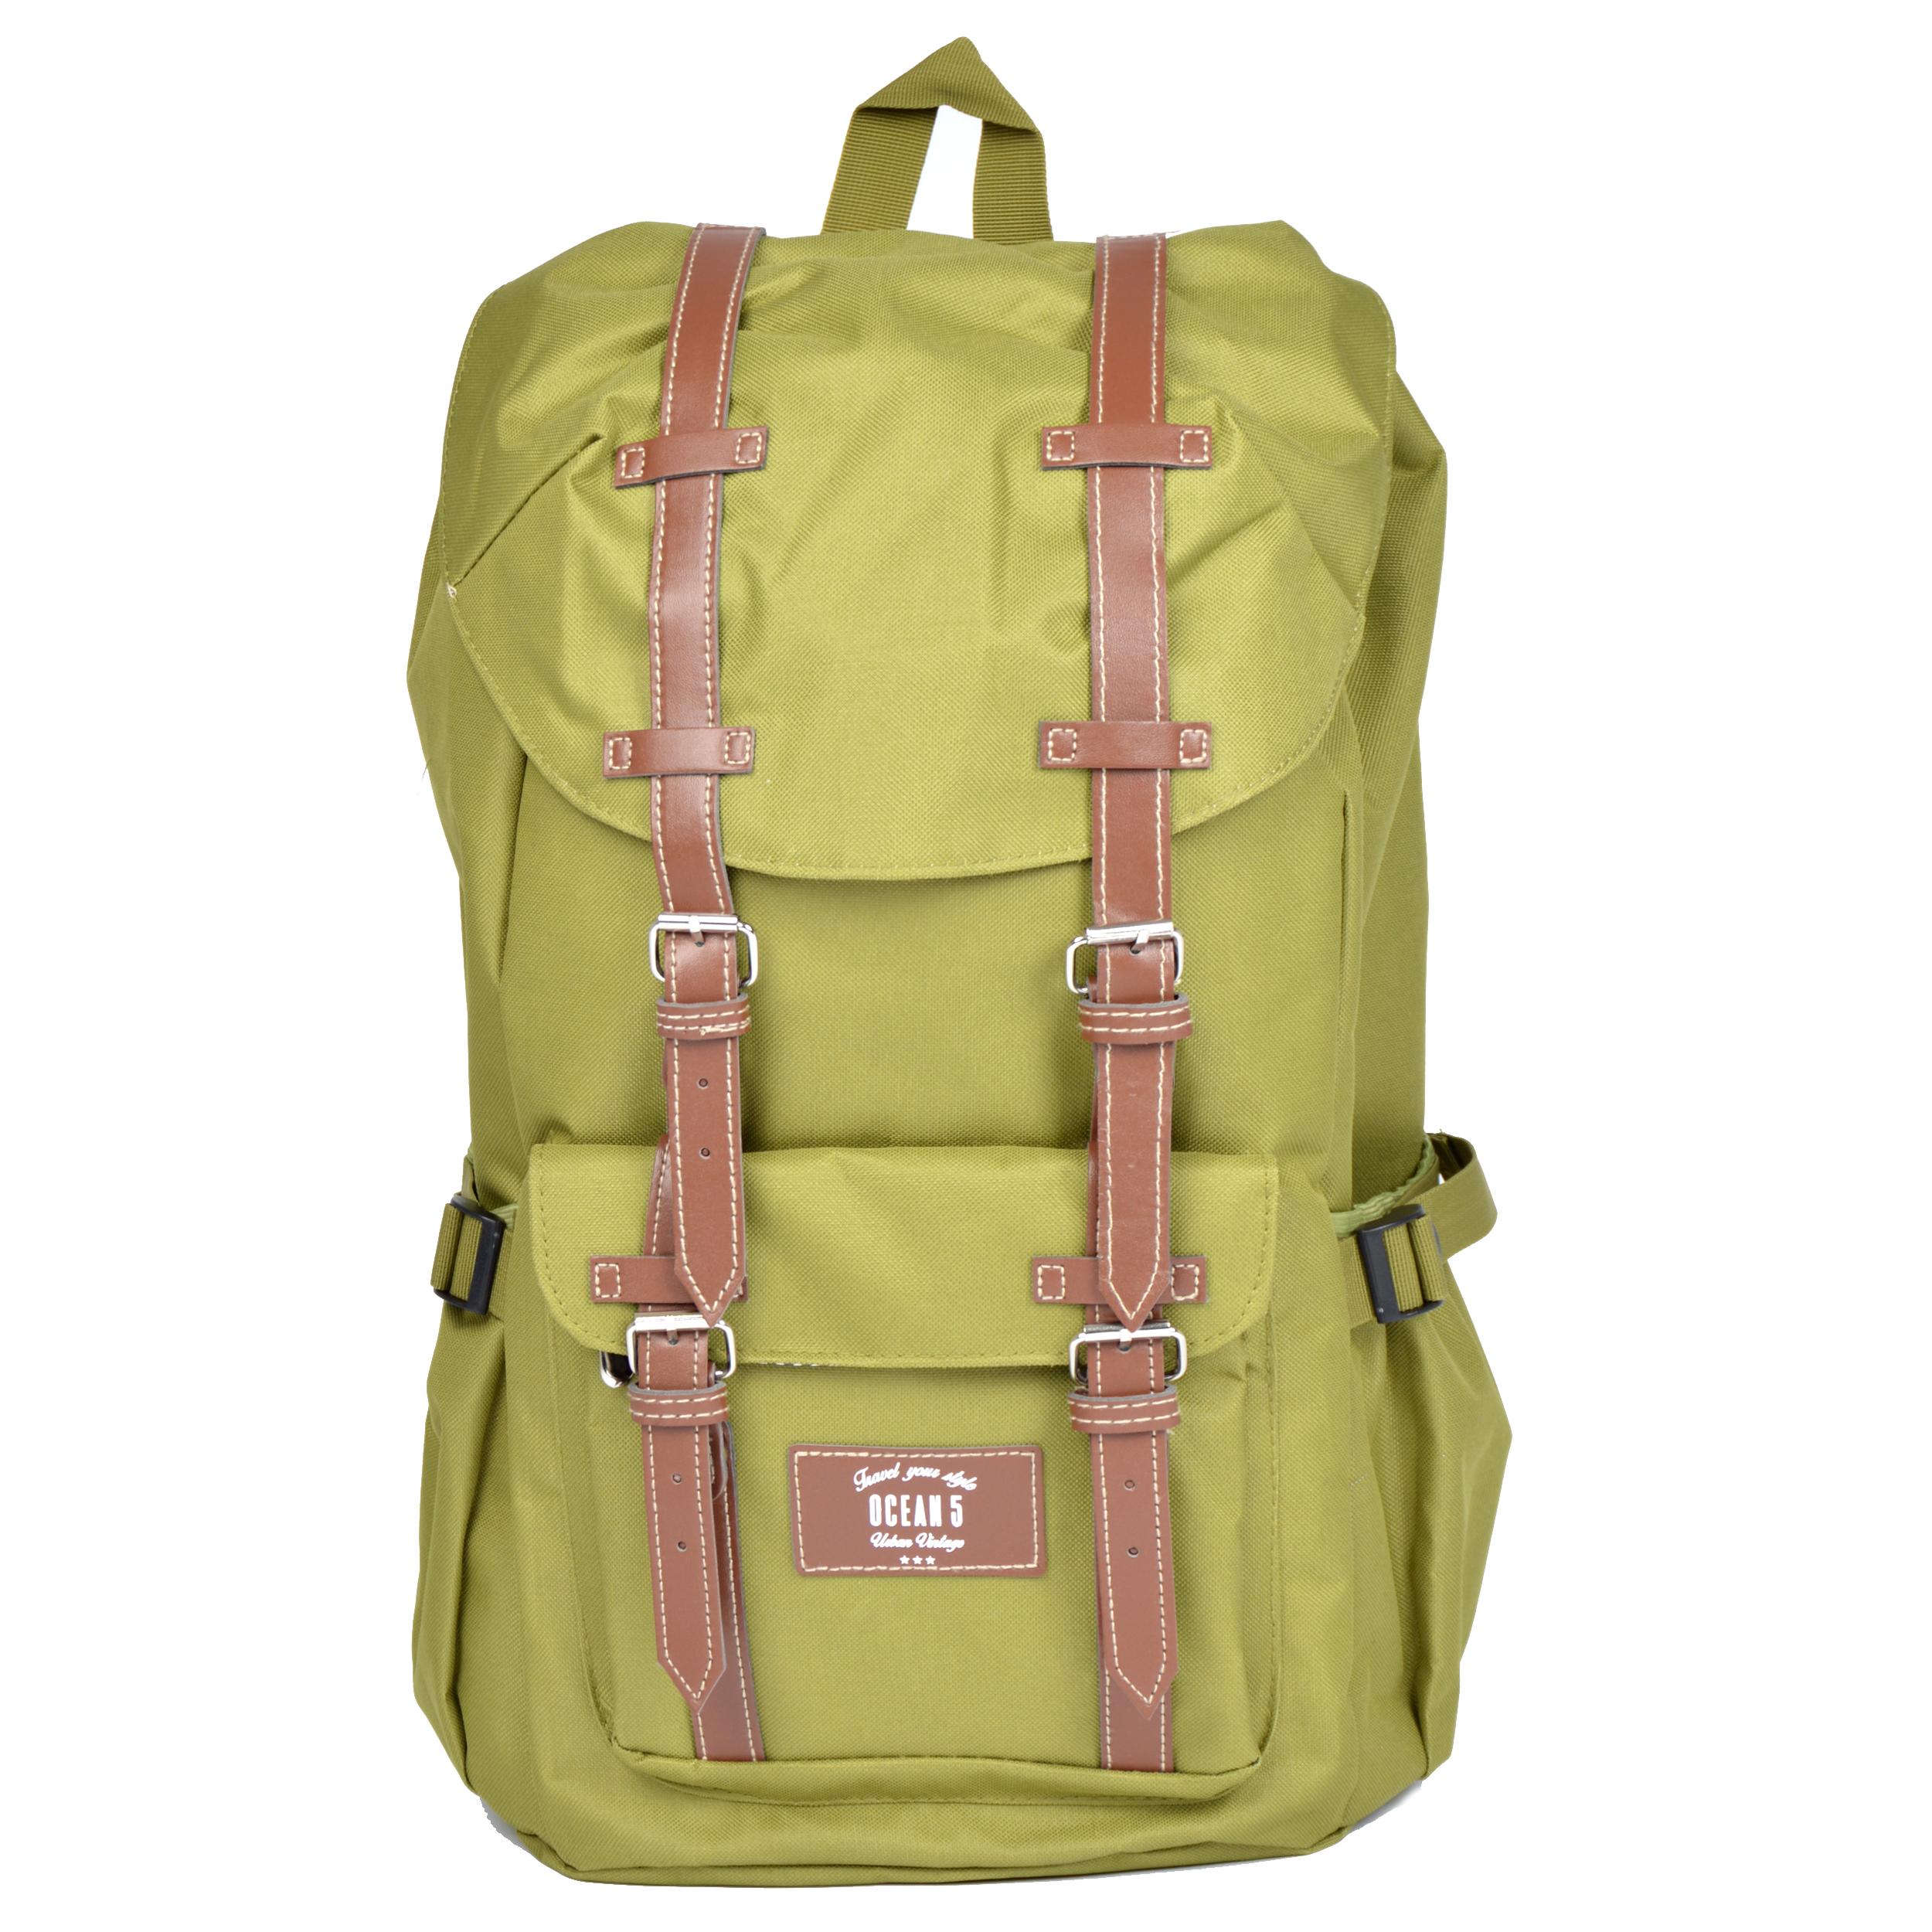 Ocean5 Montreal Rucksack für Notebooks- Farbe: Grün/hellgraue Streifen